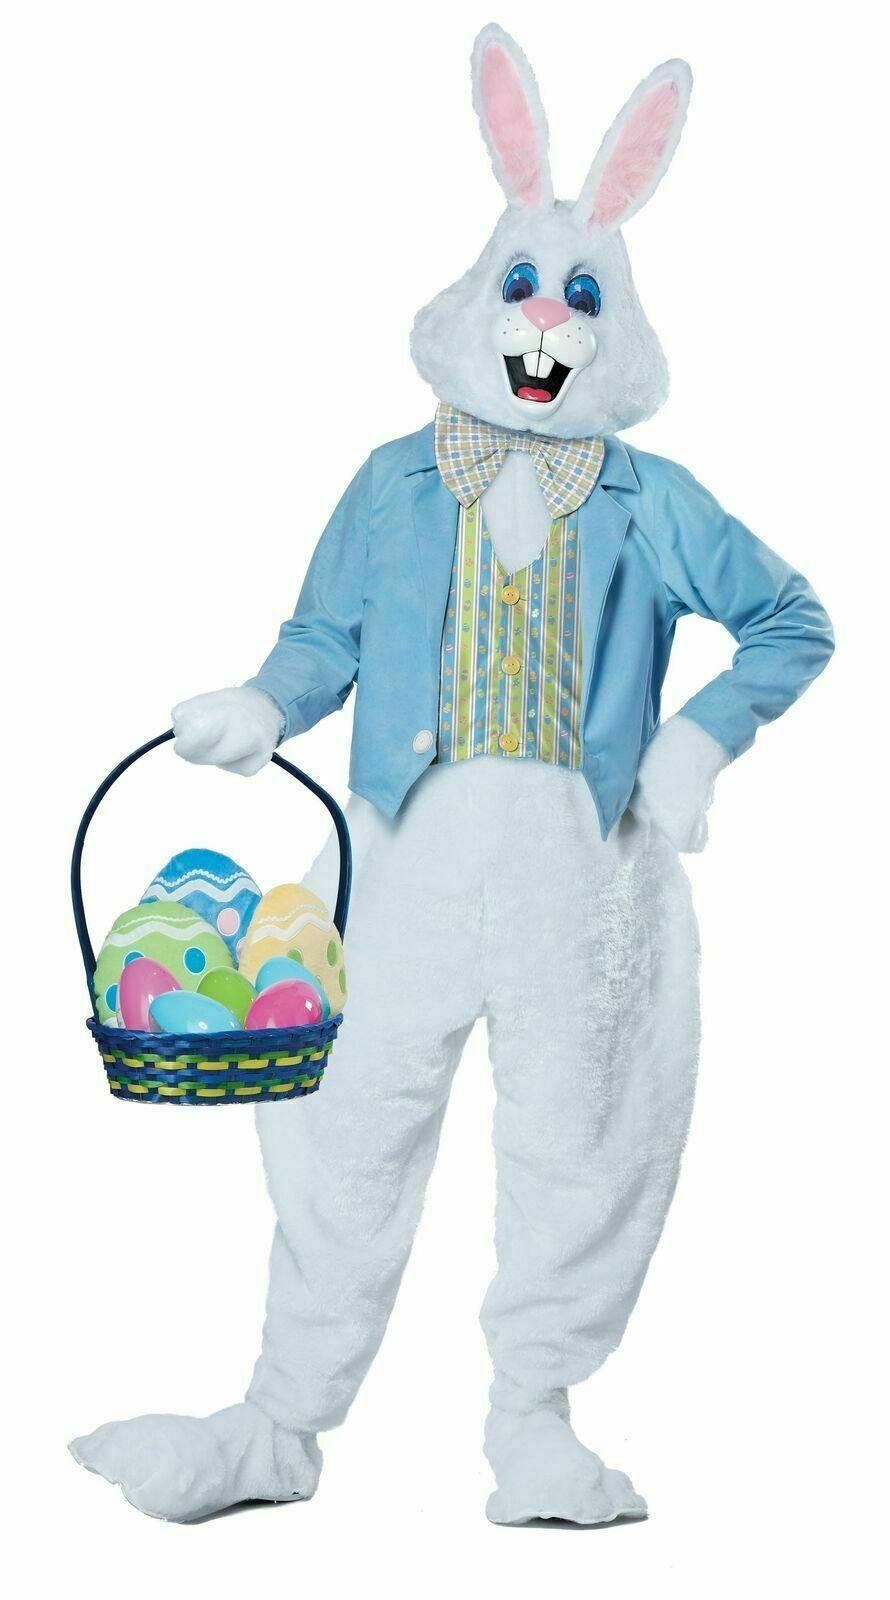 California Costumes Deluxe Easter Bunny Rabbit Adult Halloween Costume 01567